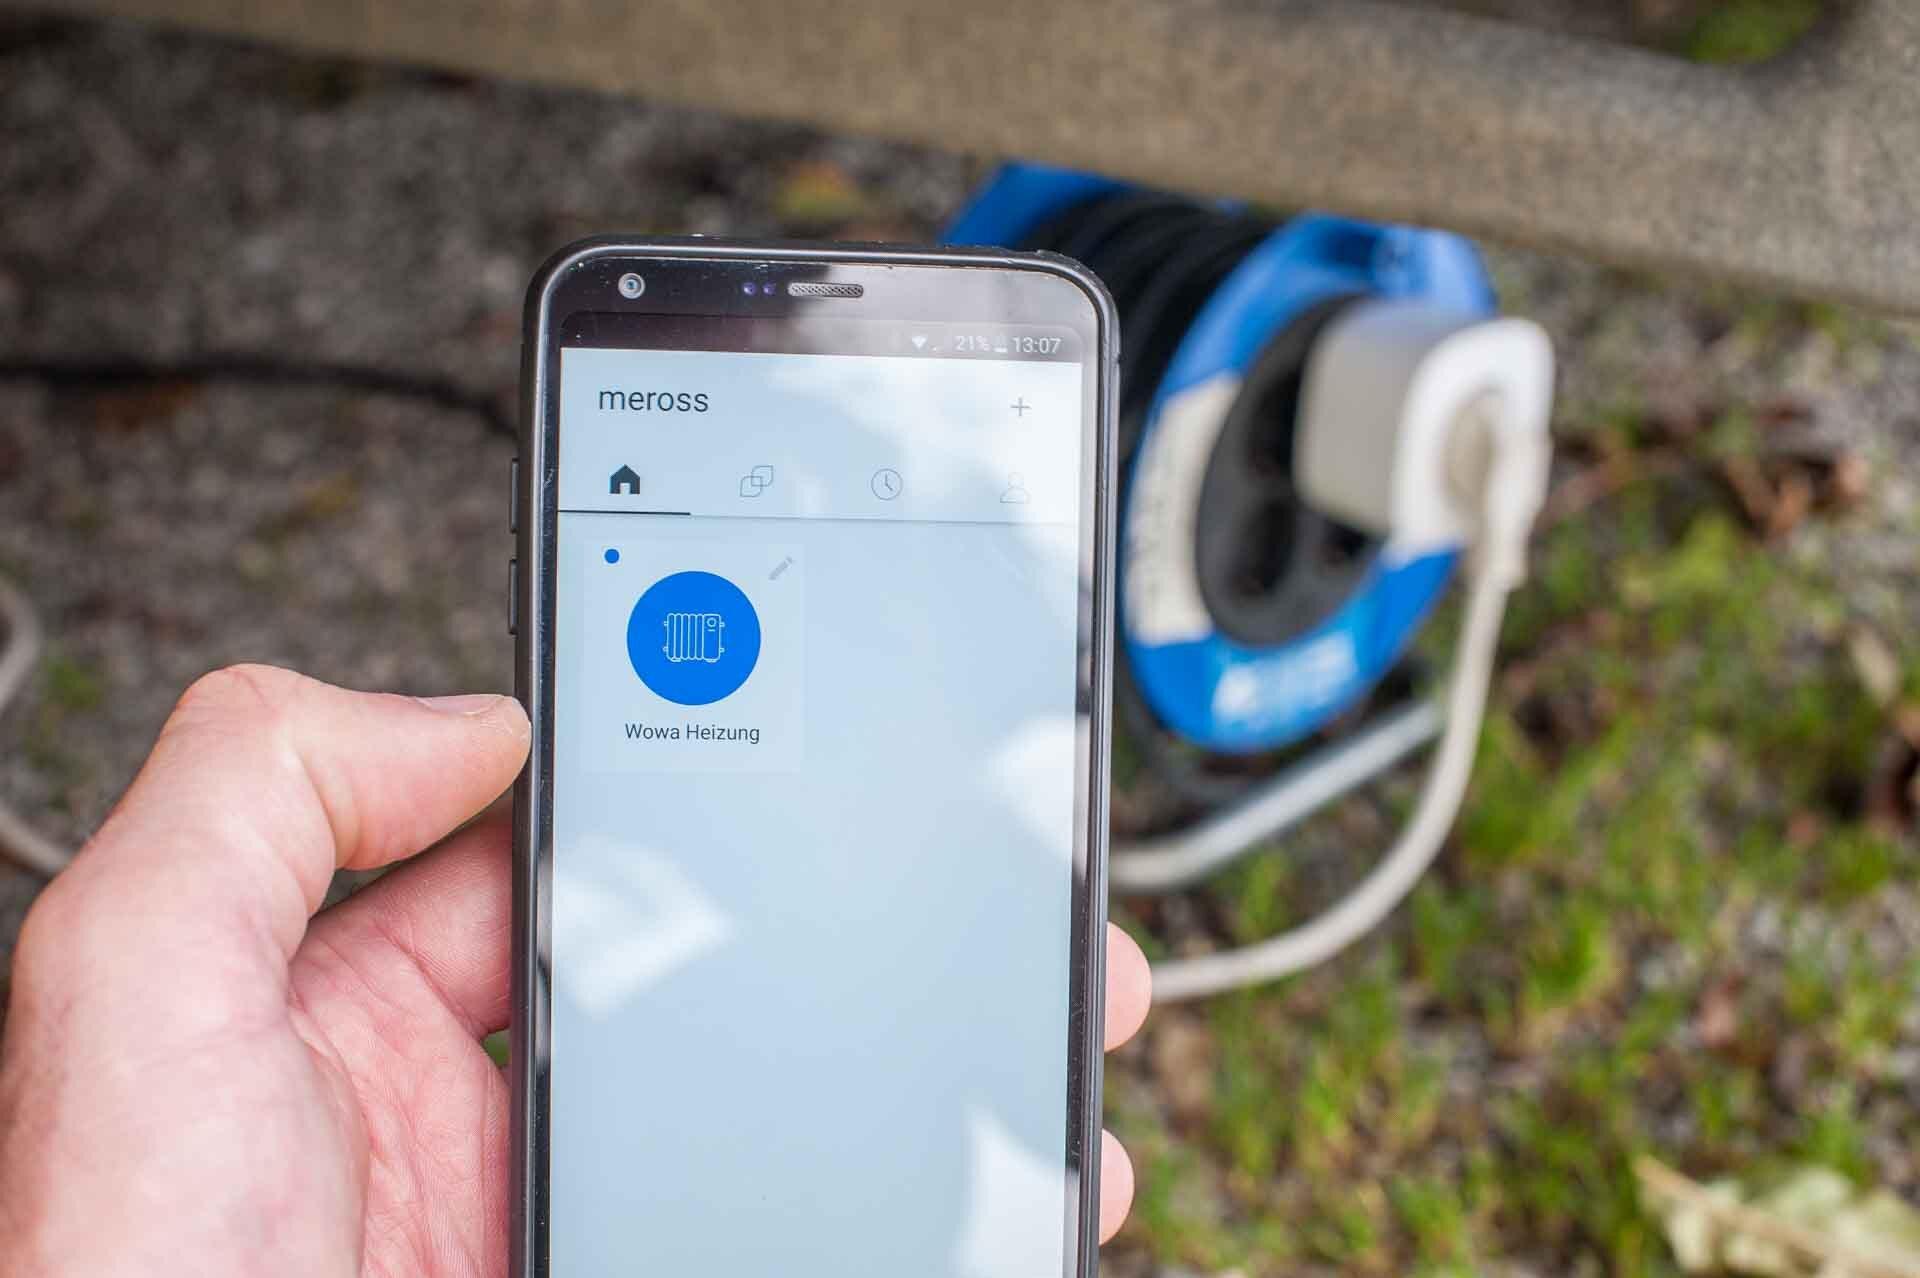 mysmallhouse.de Wohnwagen Heizung fernsteuern mit APP Smart WLAN Plug Steckdose Android Apple